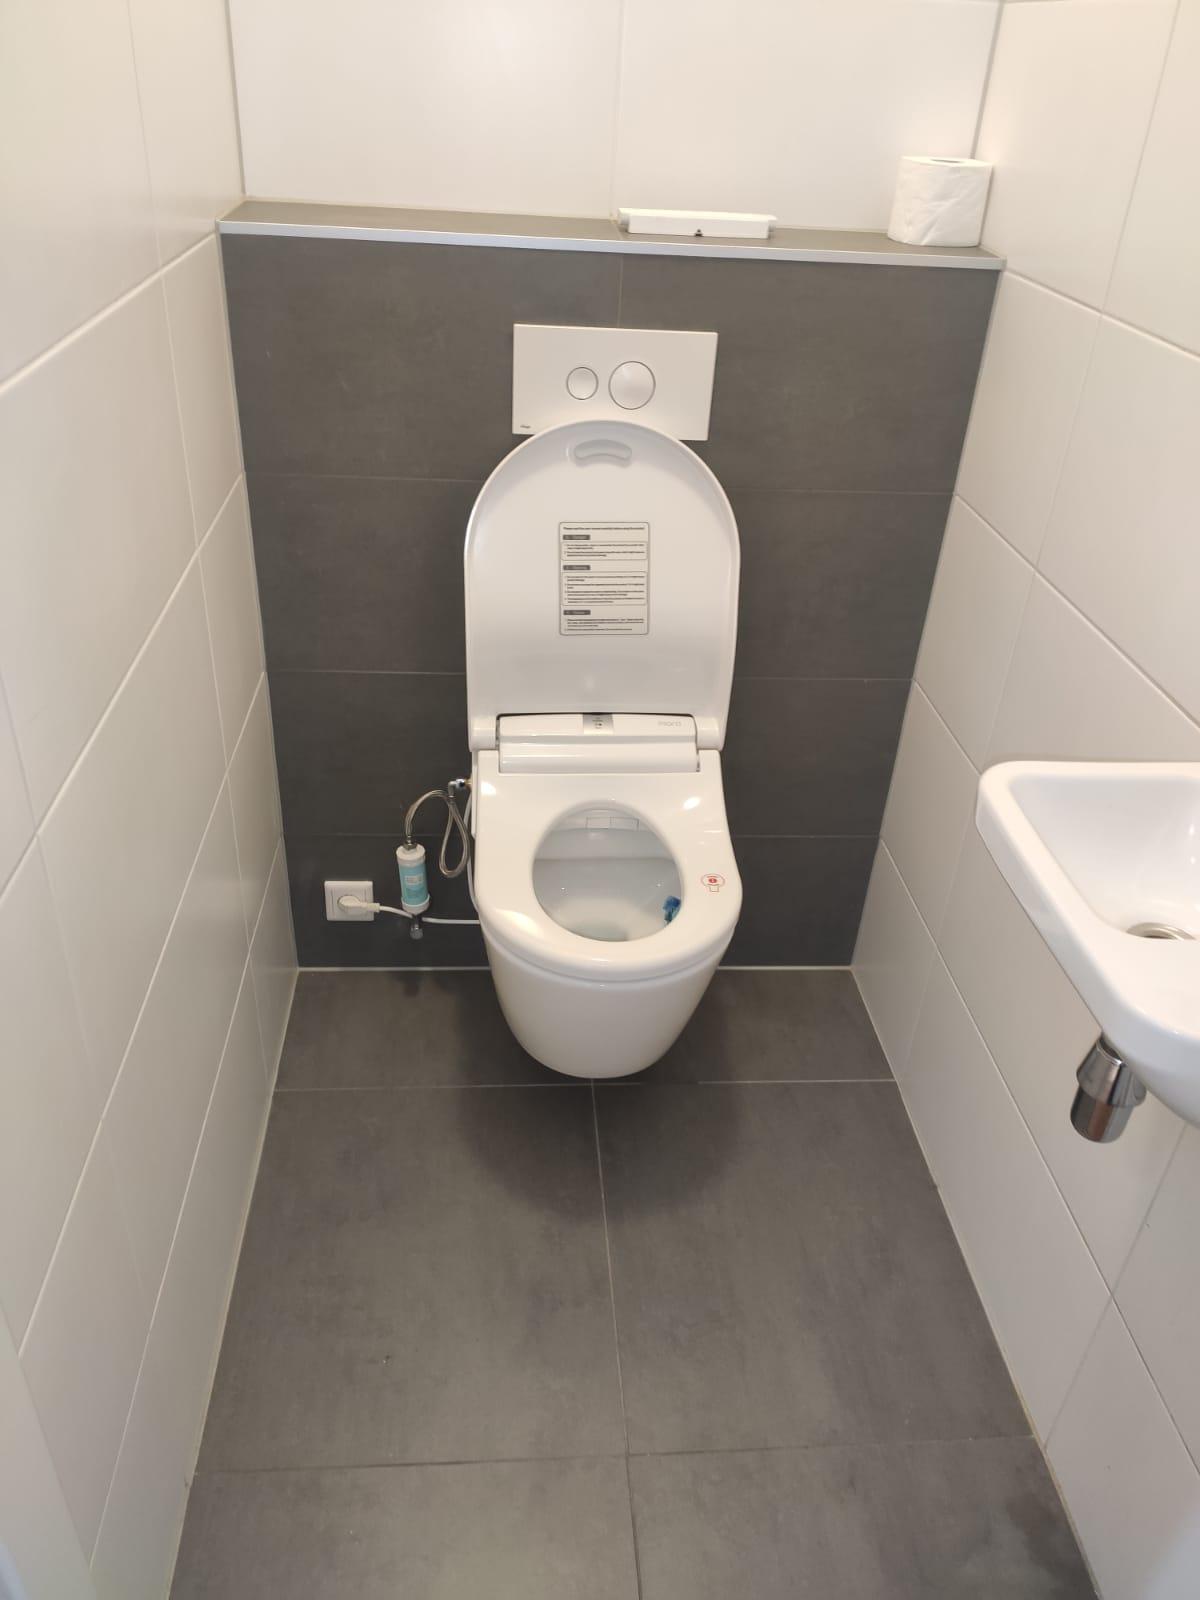 installatie douchewc op Sapho Turku toilet